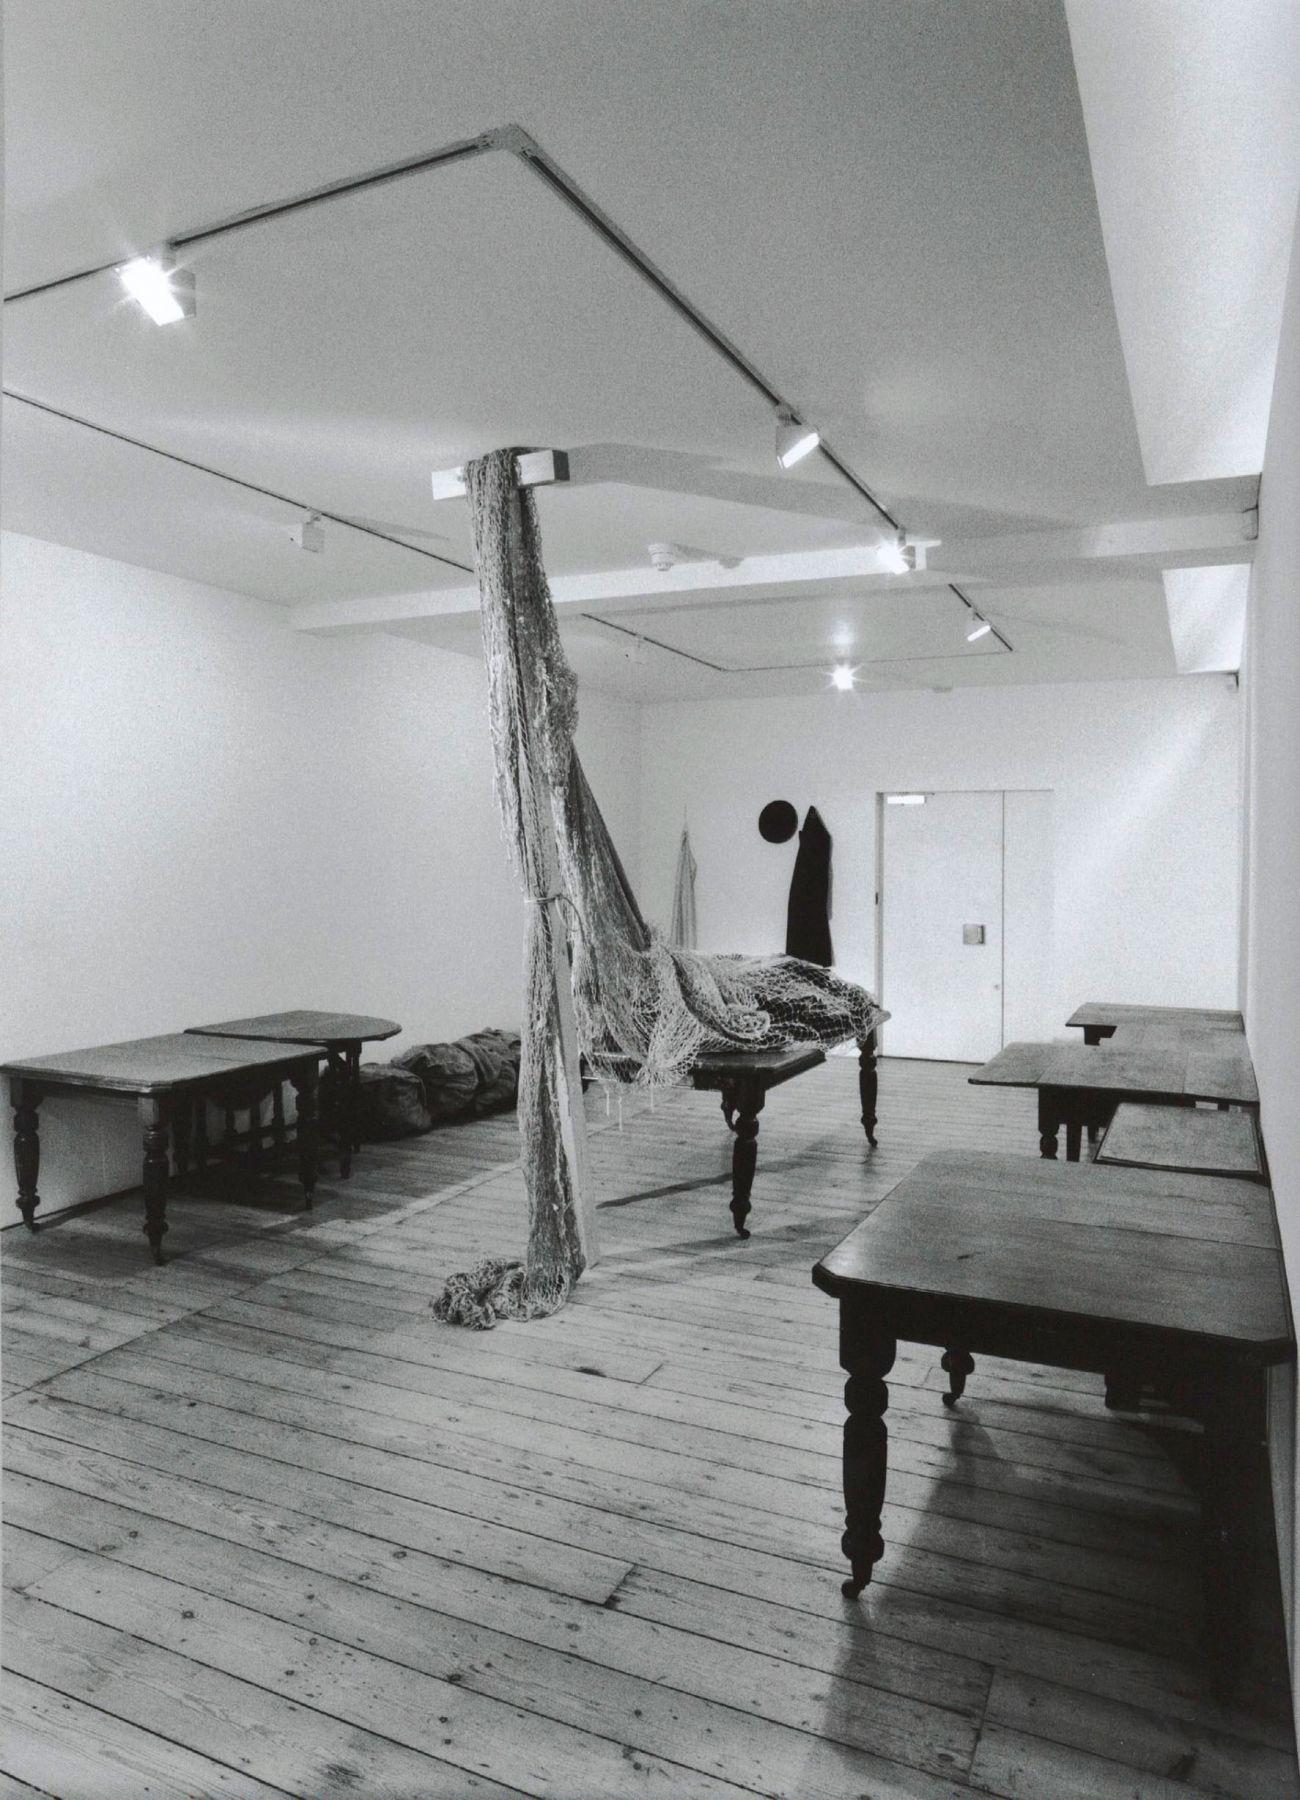 jannis kounellis exhibition view, 2004